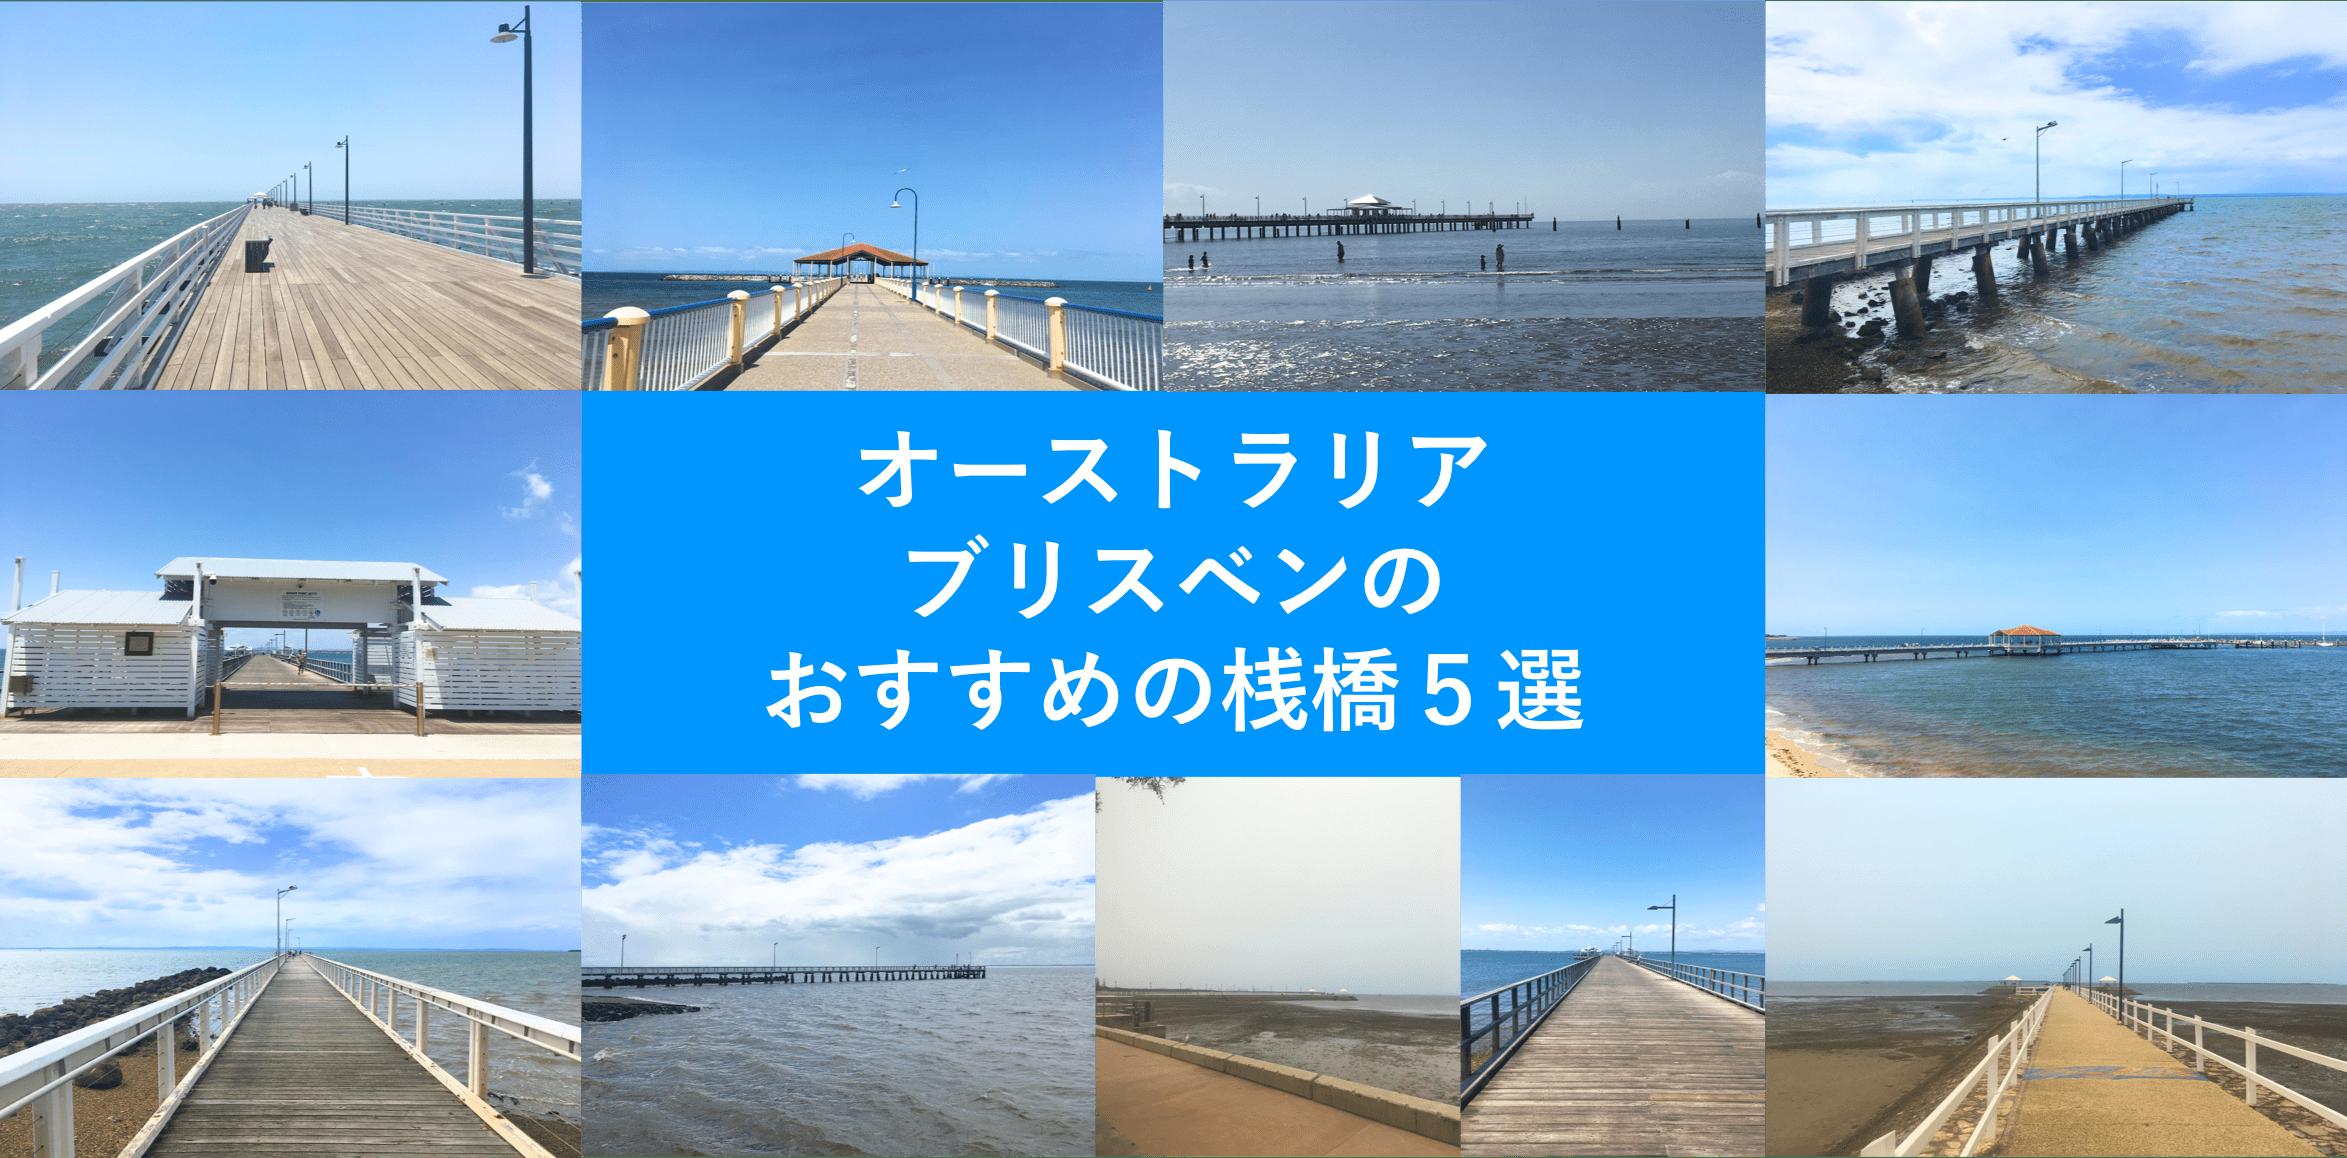 【まとめ】オーストラリア・ブリスベンのおすすめの桟橋5選を紹介